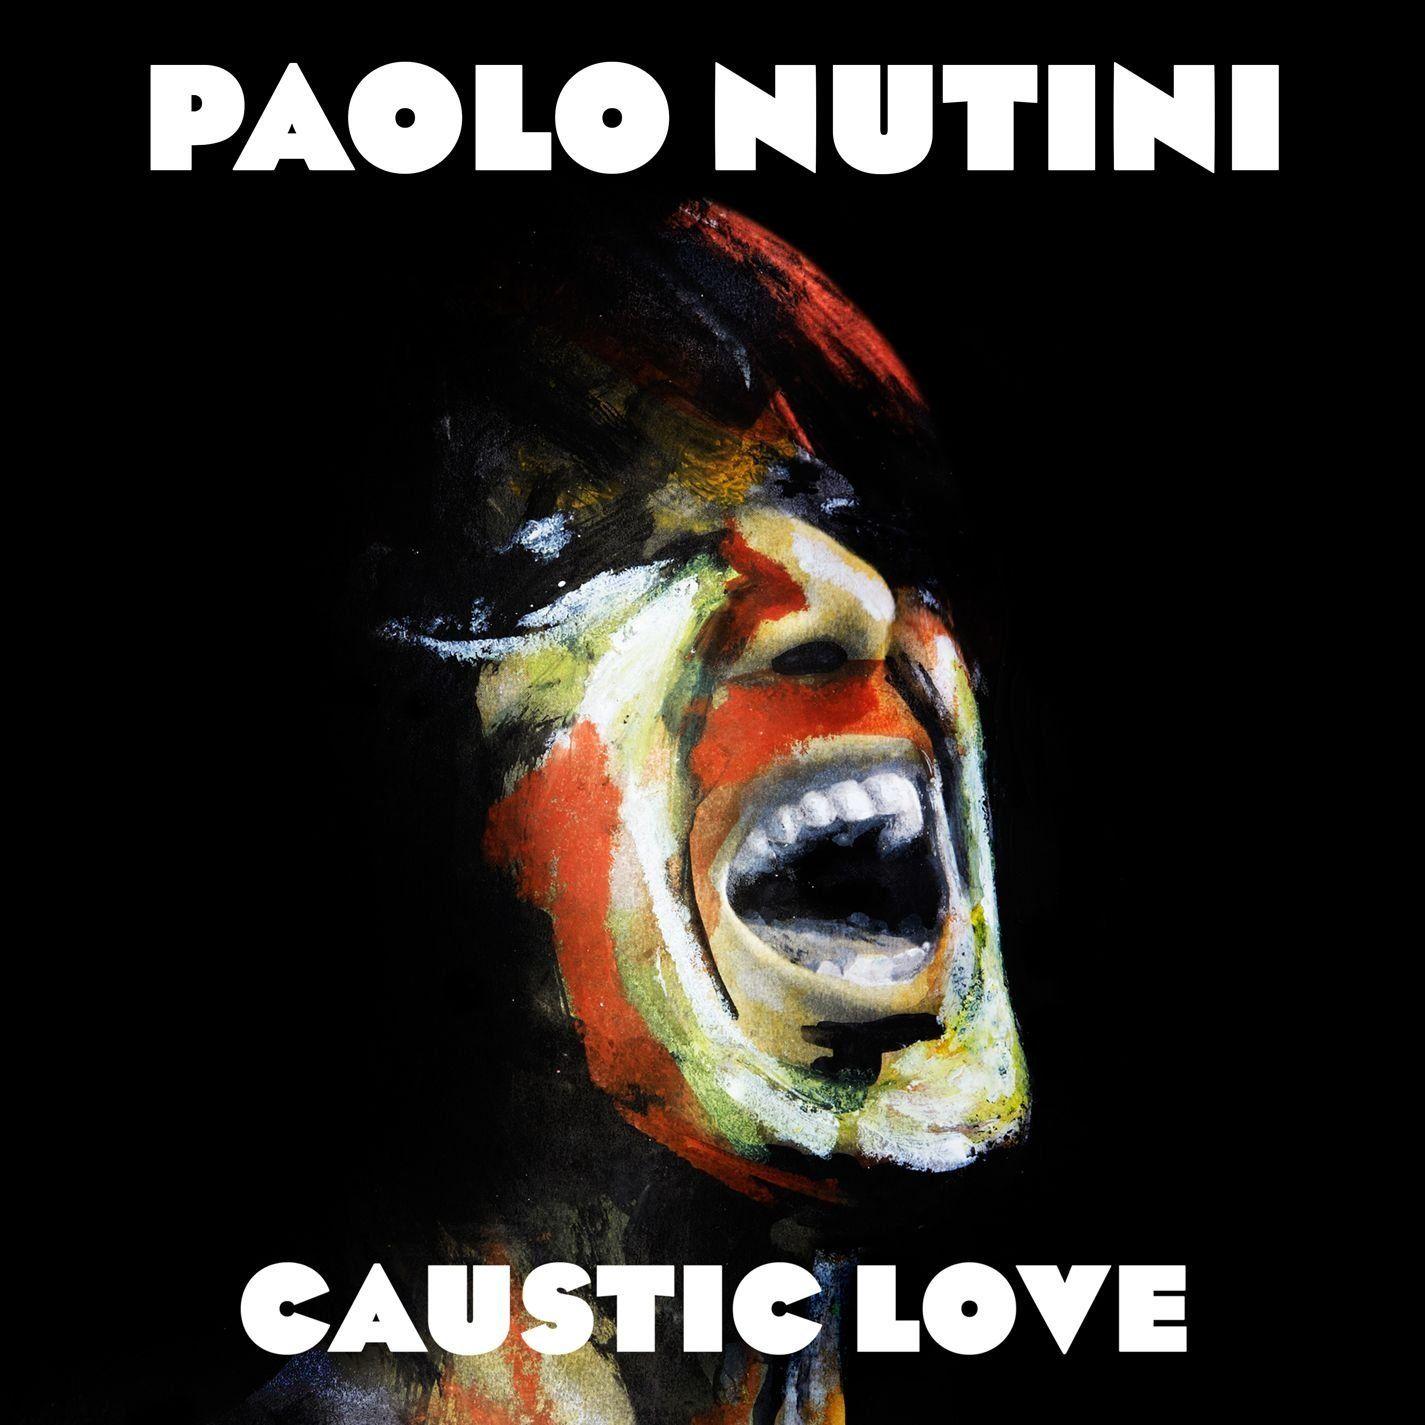 Paolo Nutini - Caustic Love album cover